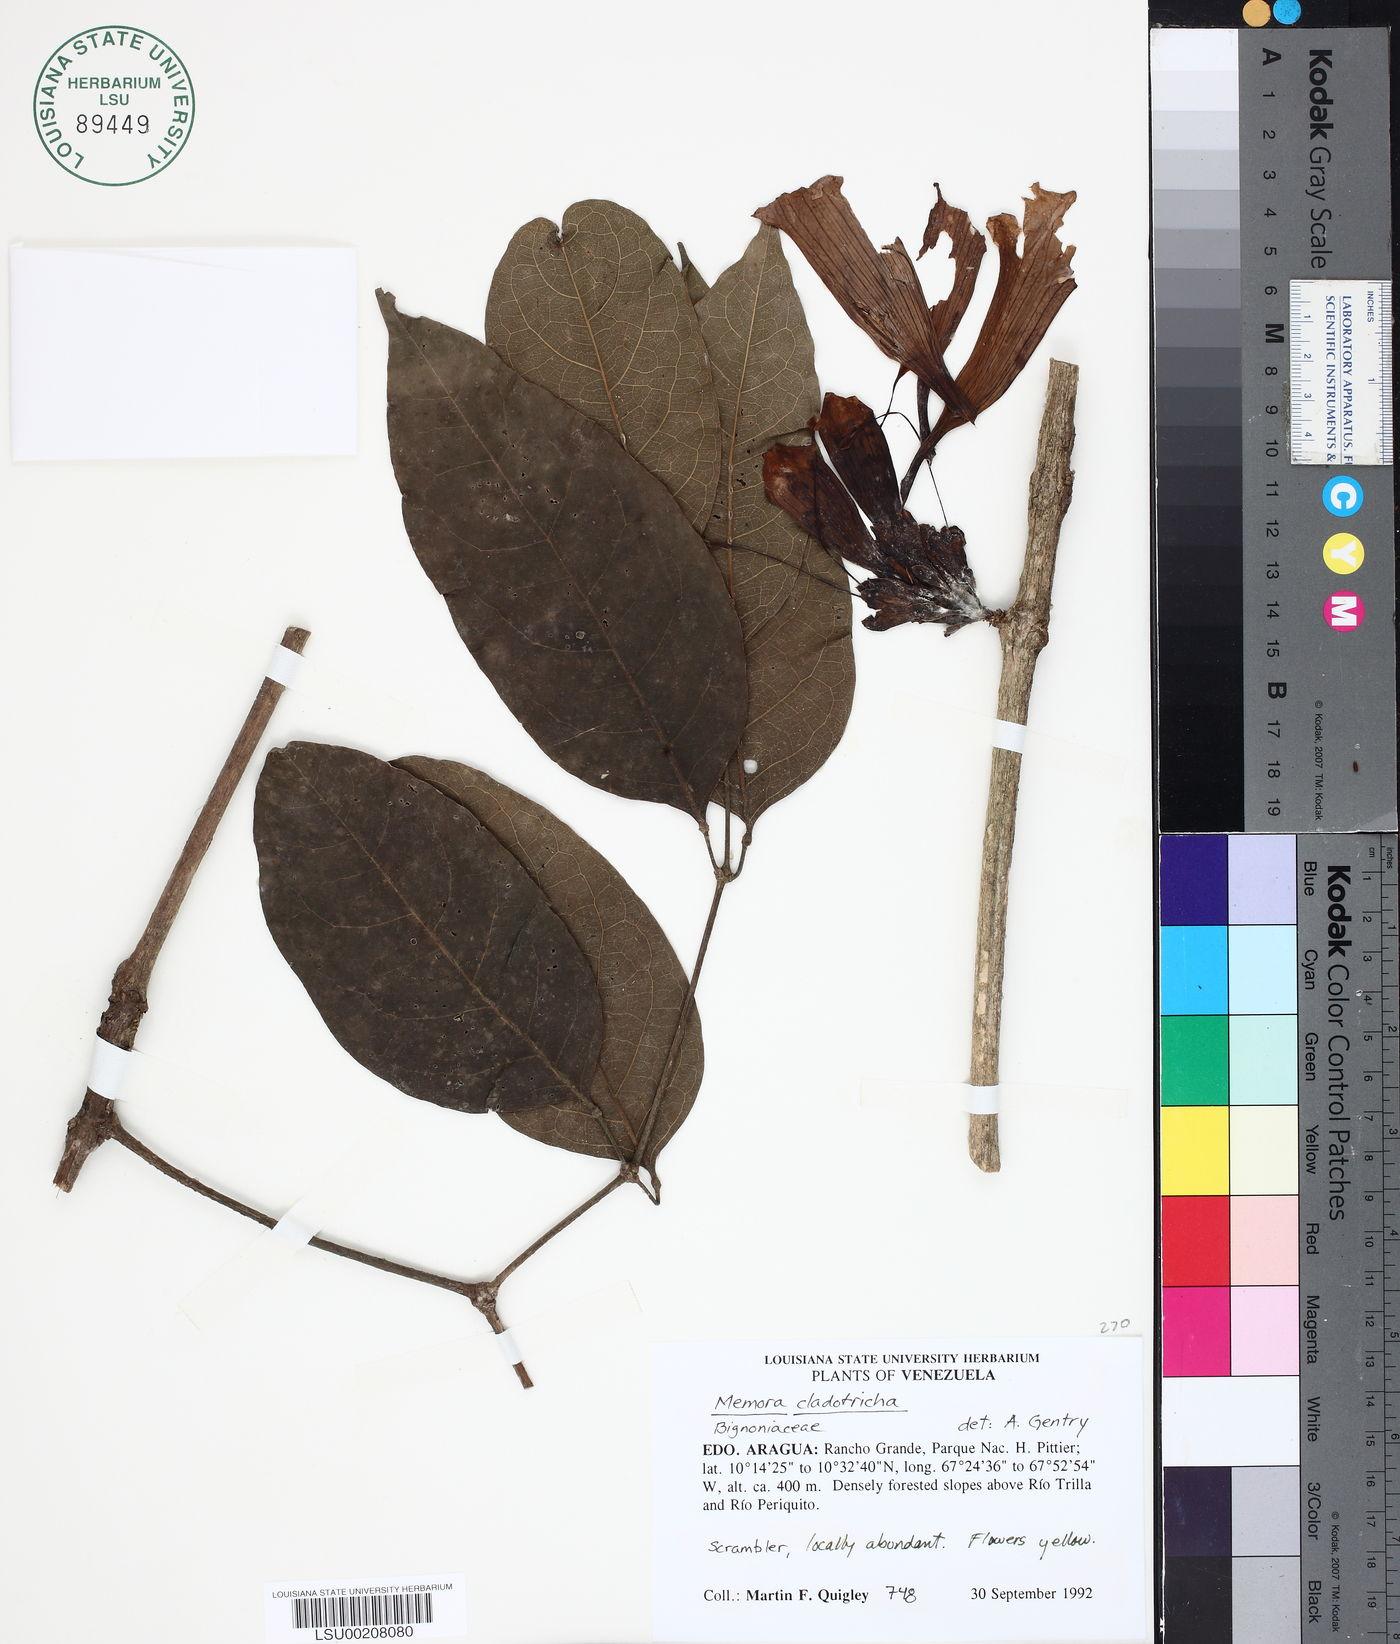 Adenocalymma cladotrichum image